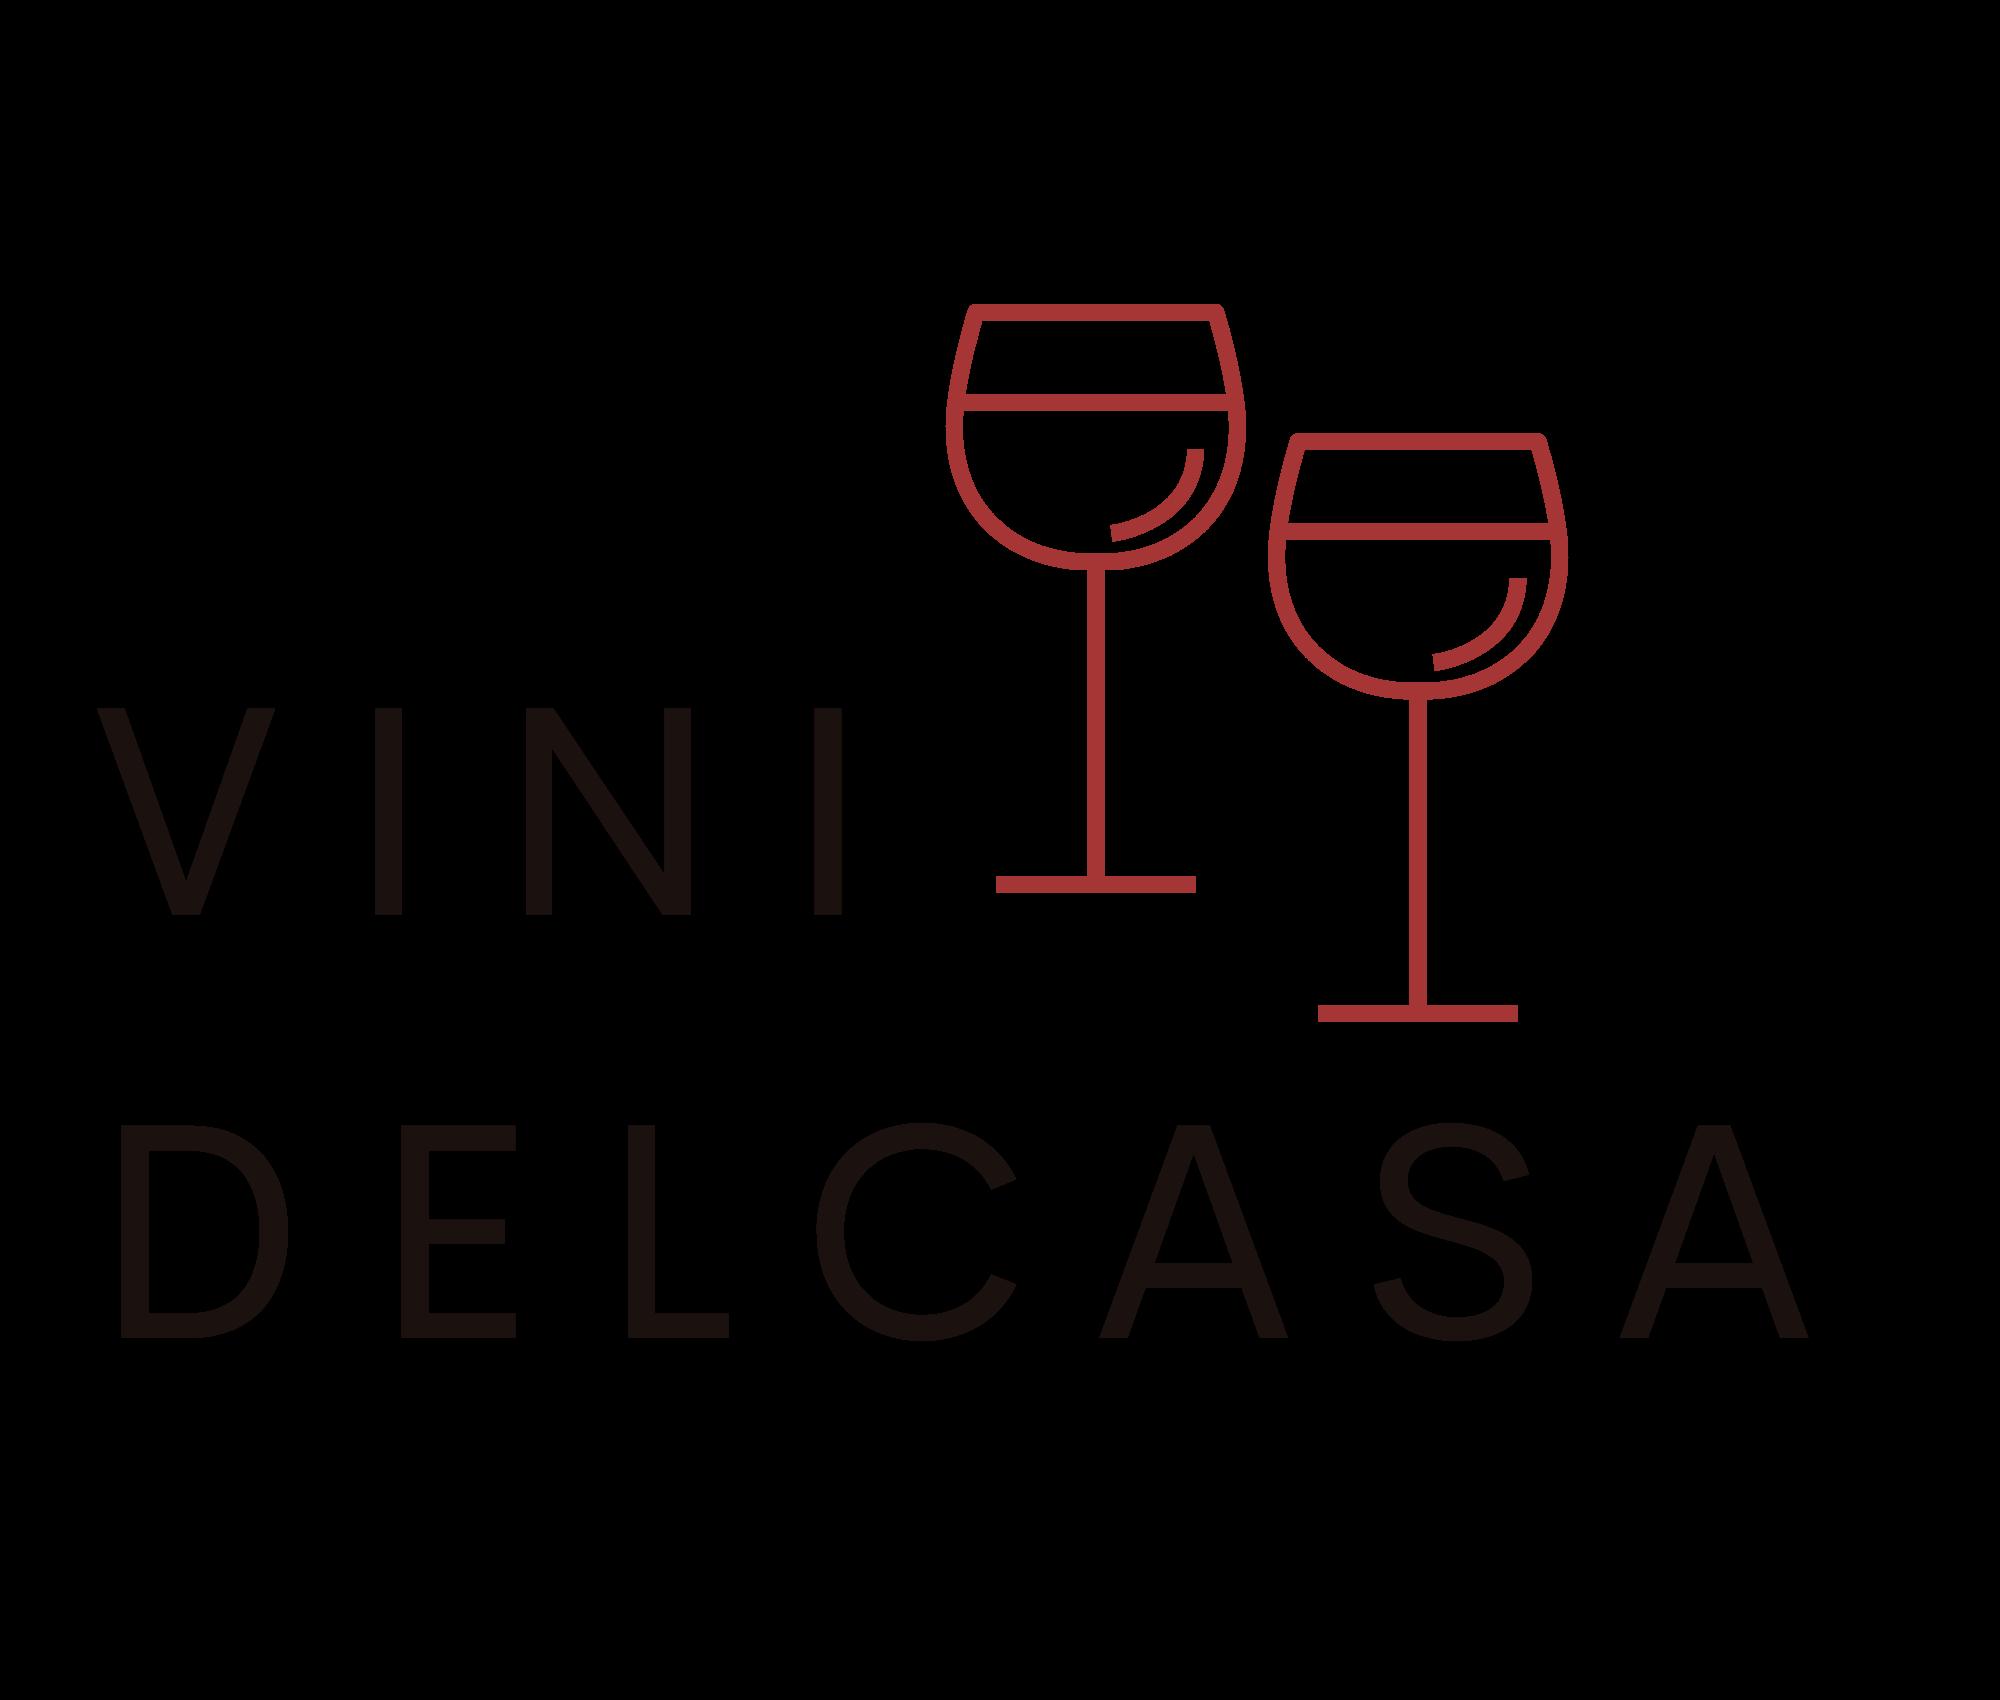 vinidelcasa-vin